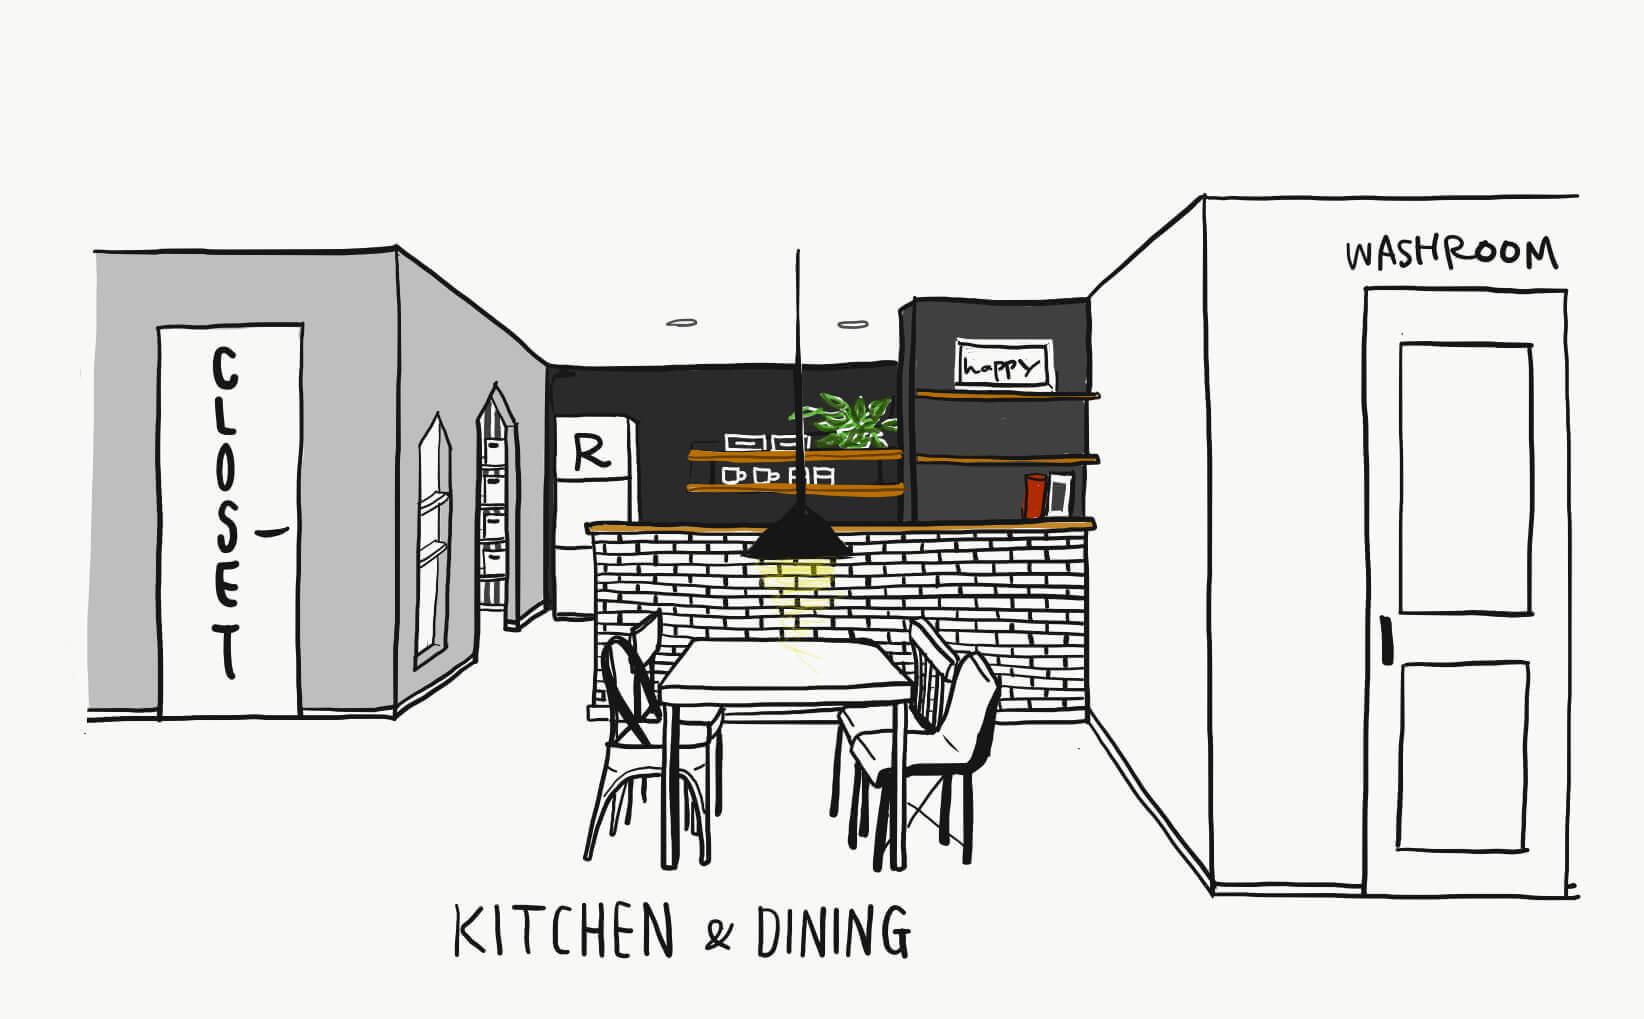 京都 長岡京市の壁紙提案が得意な工務店funナカムラのブログ